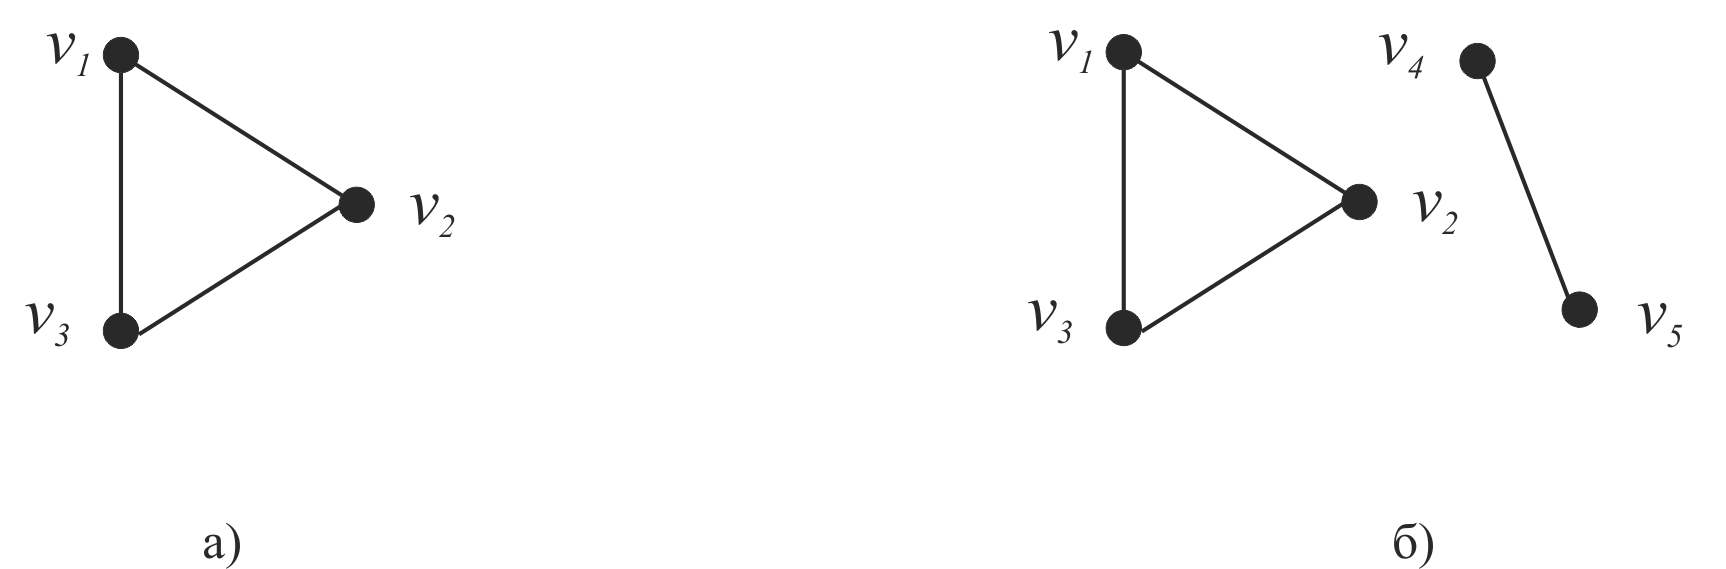 C:\Users\WhiteRabbit\Desktop\Эйлеровы циклы\Связность графов.png